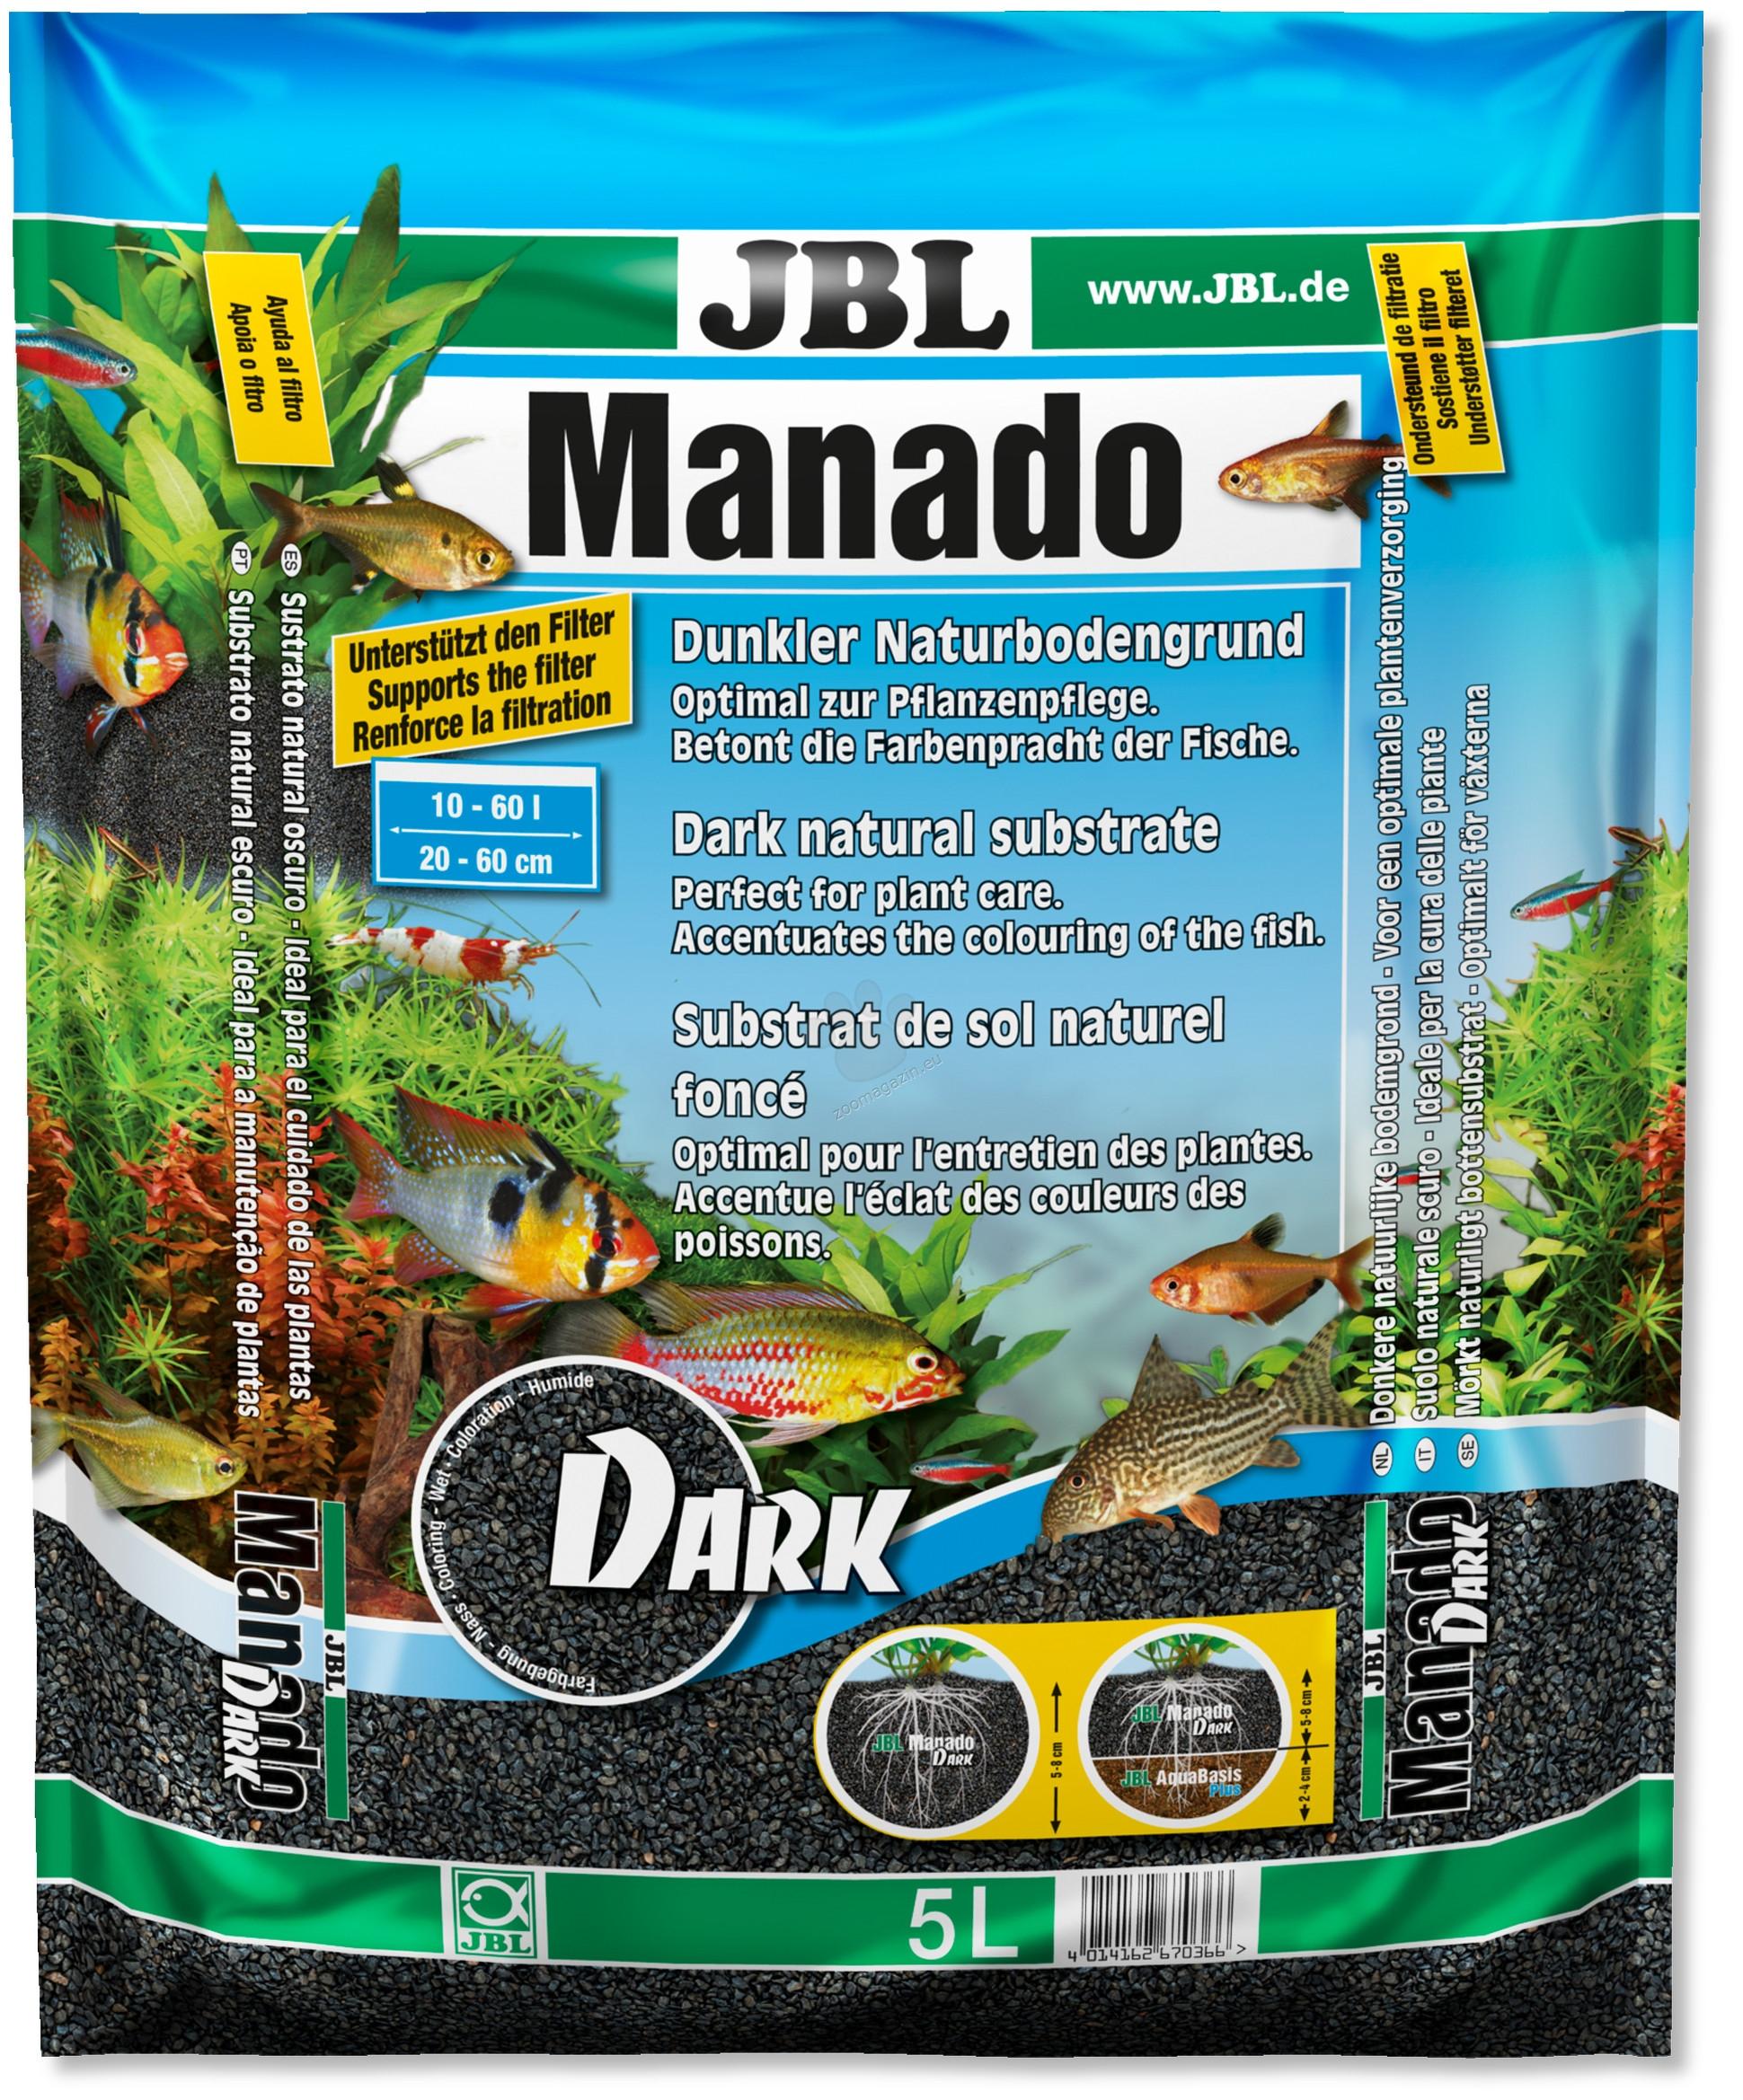 JBL Manado Dark - натурален субстрат за филтрация на водата и подхранване растежа на растенията в аквариума 5 литра